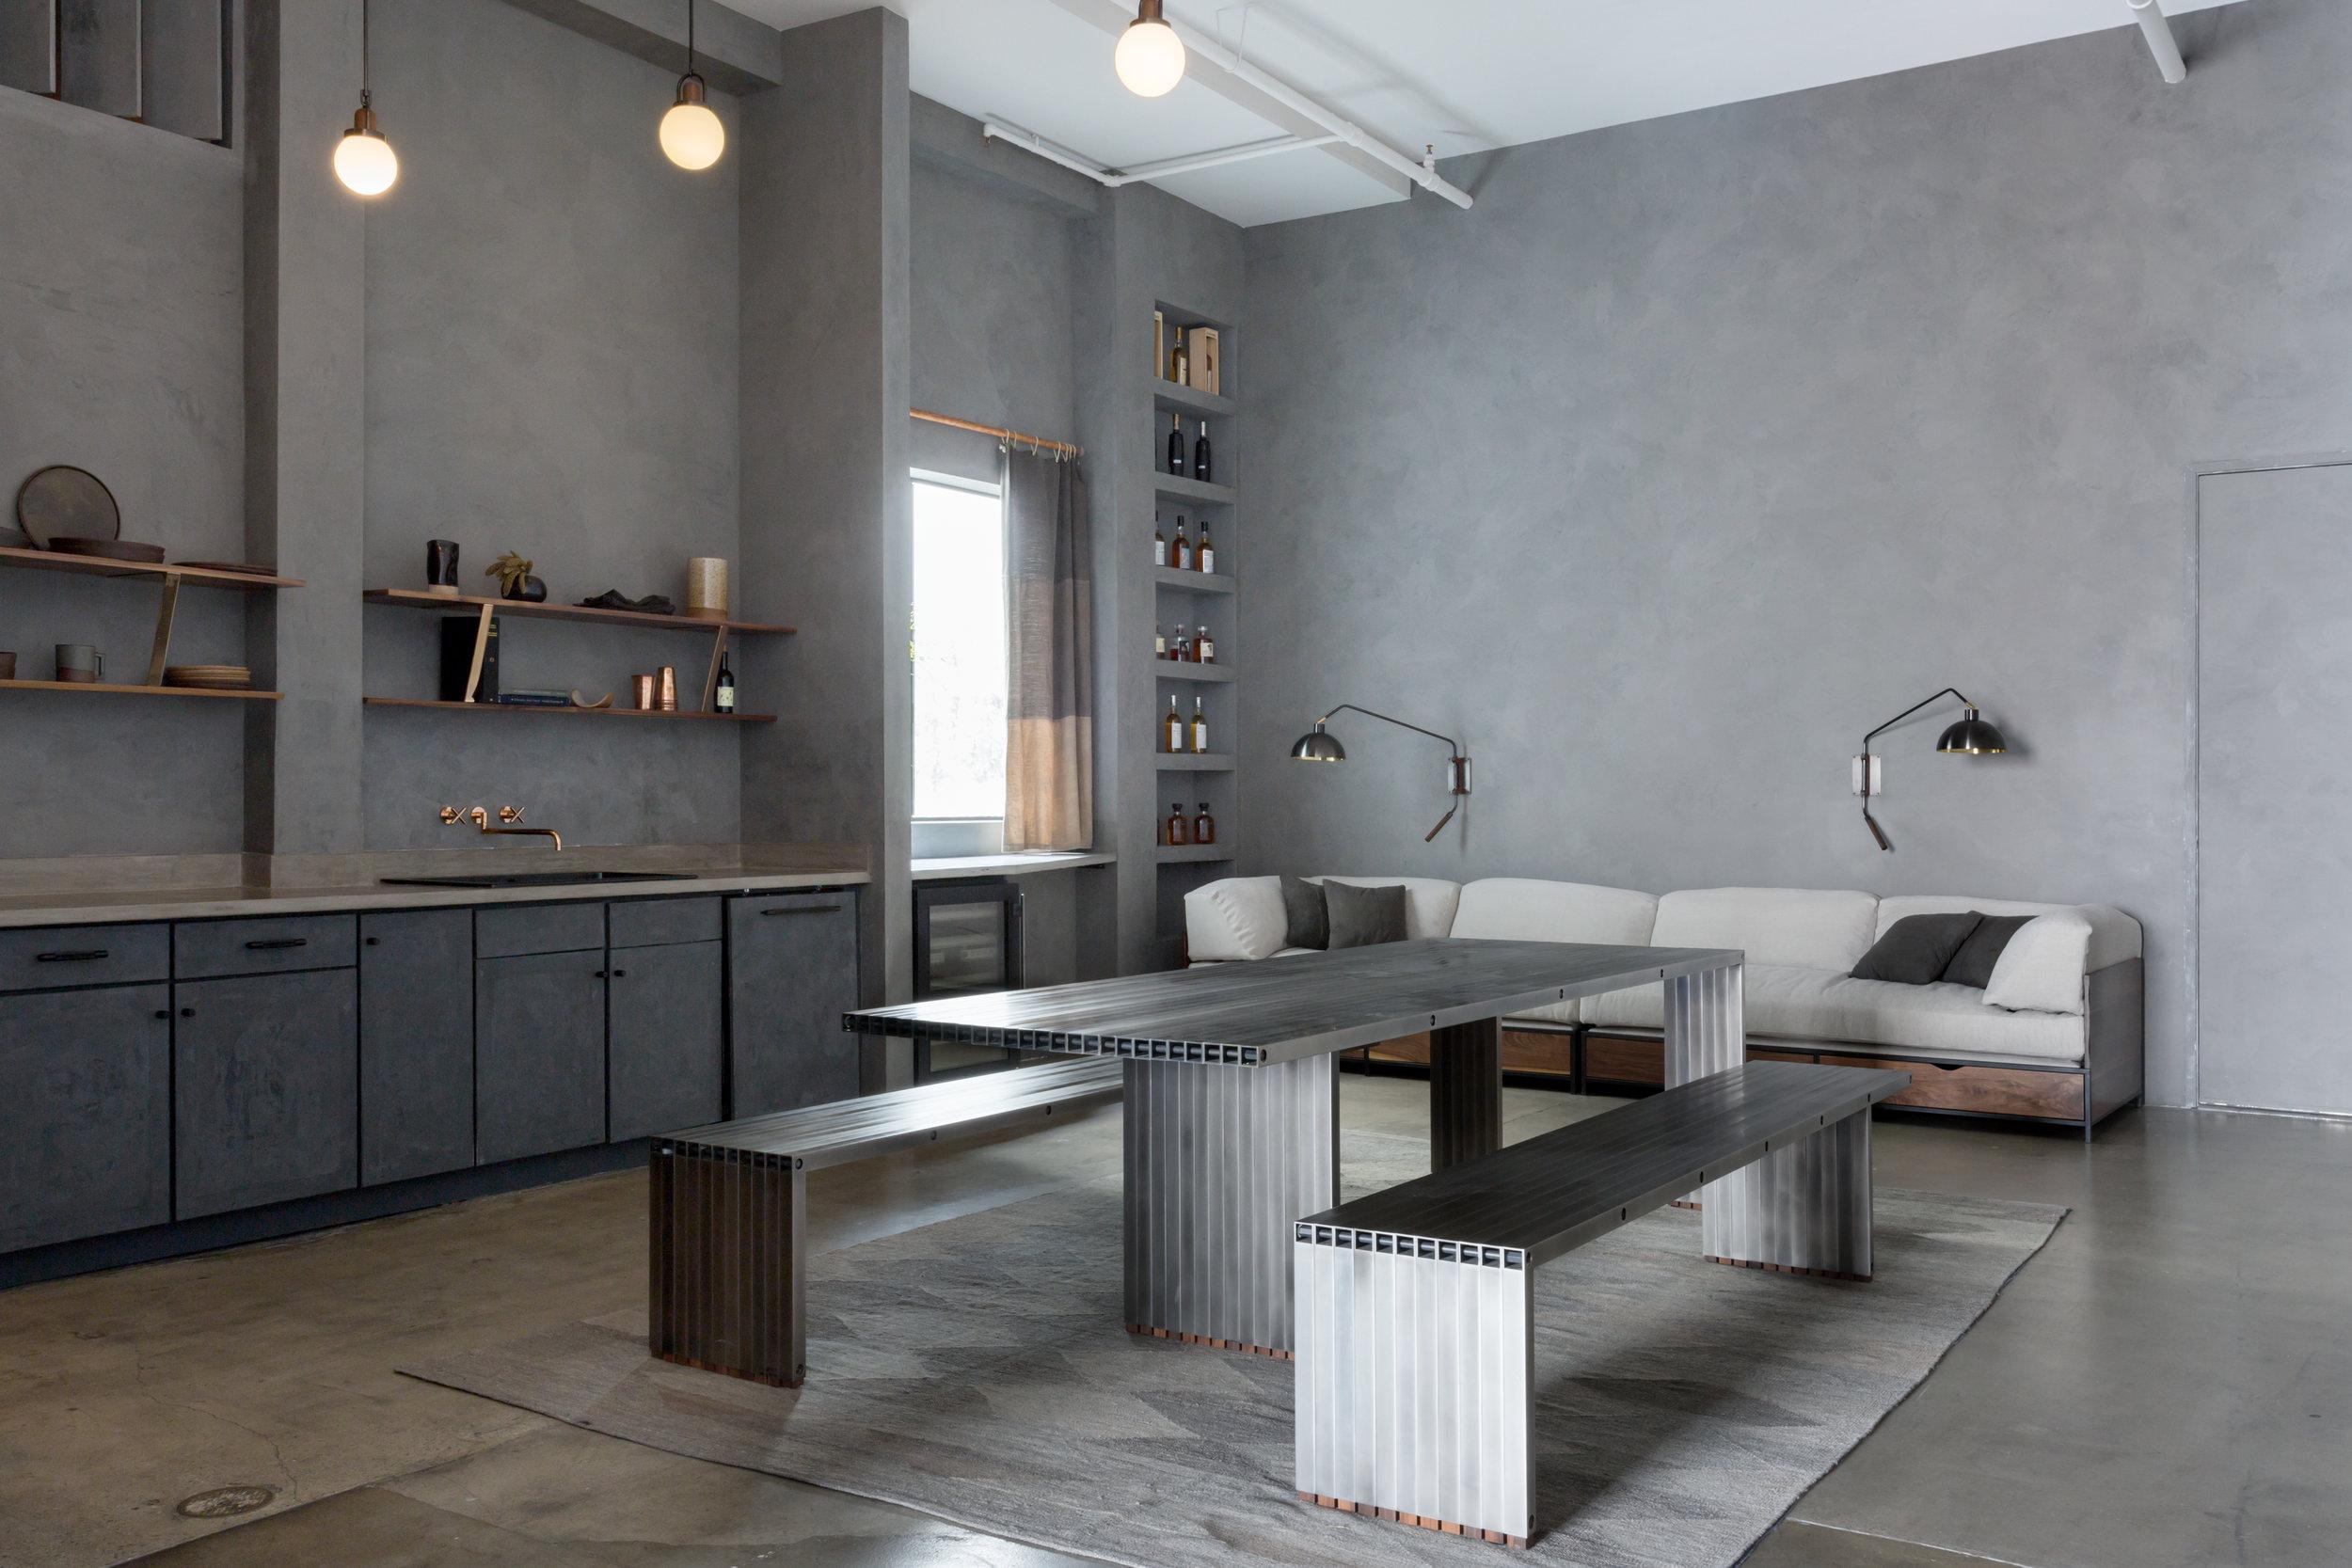 StephenKenn_Loft_Dining_Room_Kitchen_1.jpg